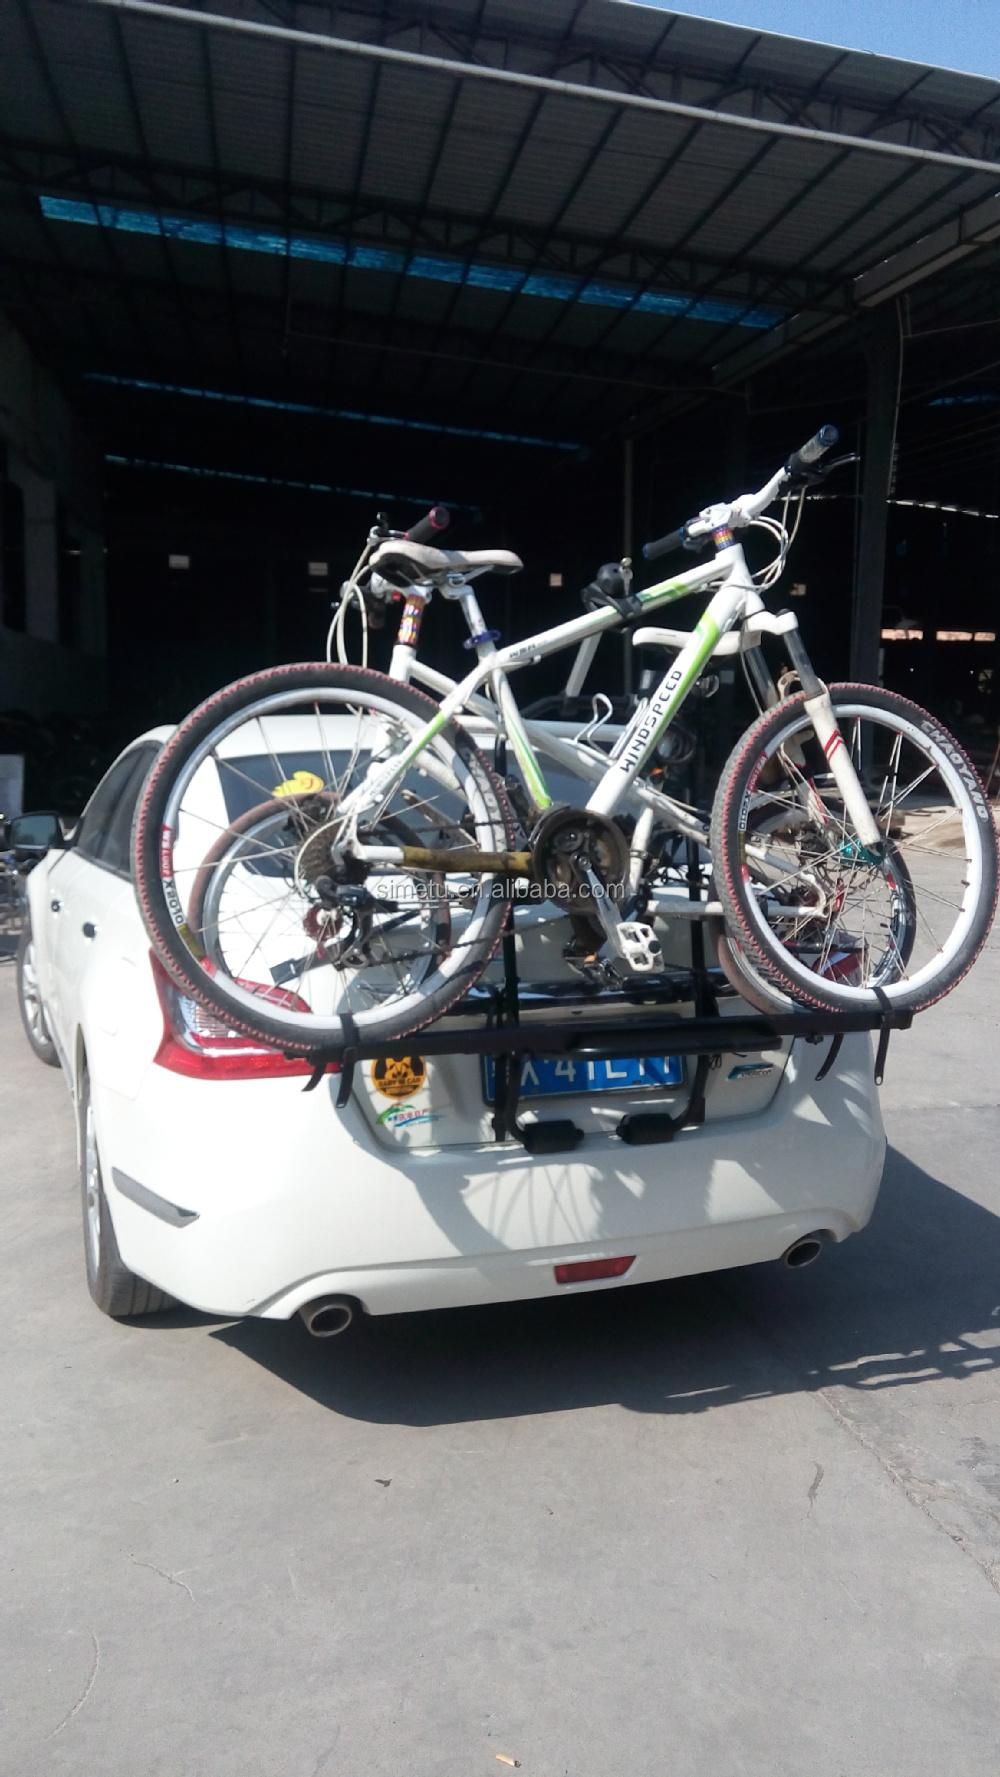 best selling suv steel bike racks for 2 bikes car bicycle accessories hitch mount bike rack buy stainless steel bike rack rear bike rack suv bike